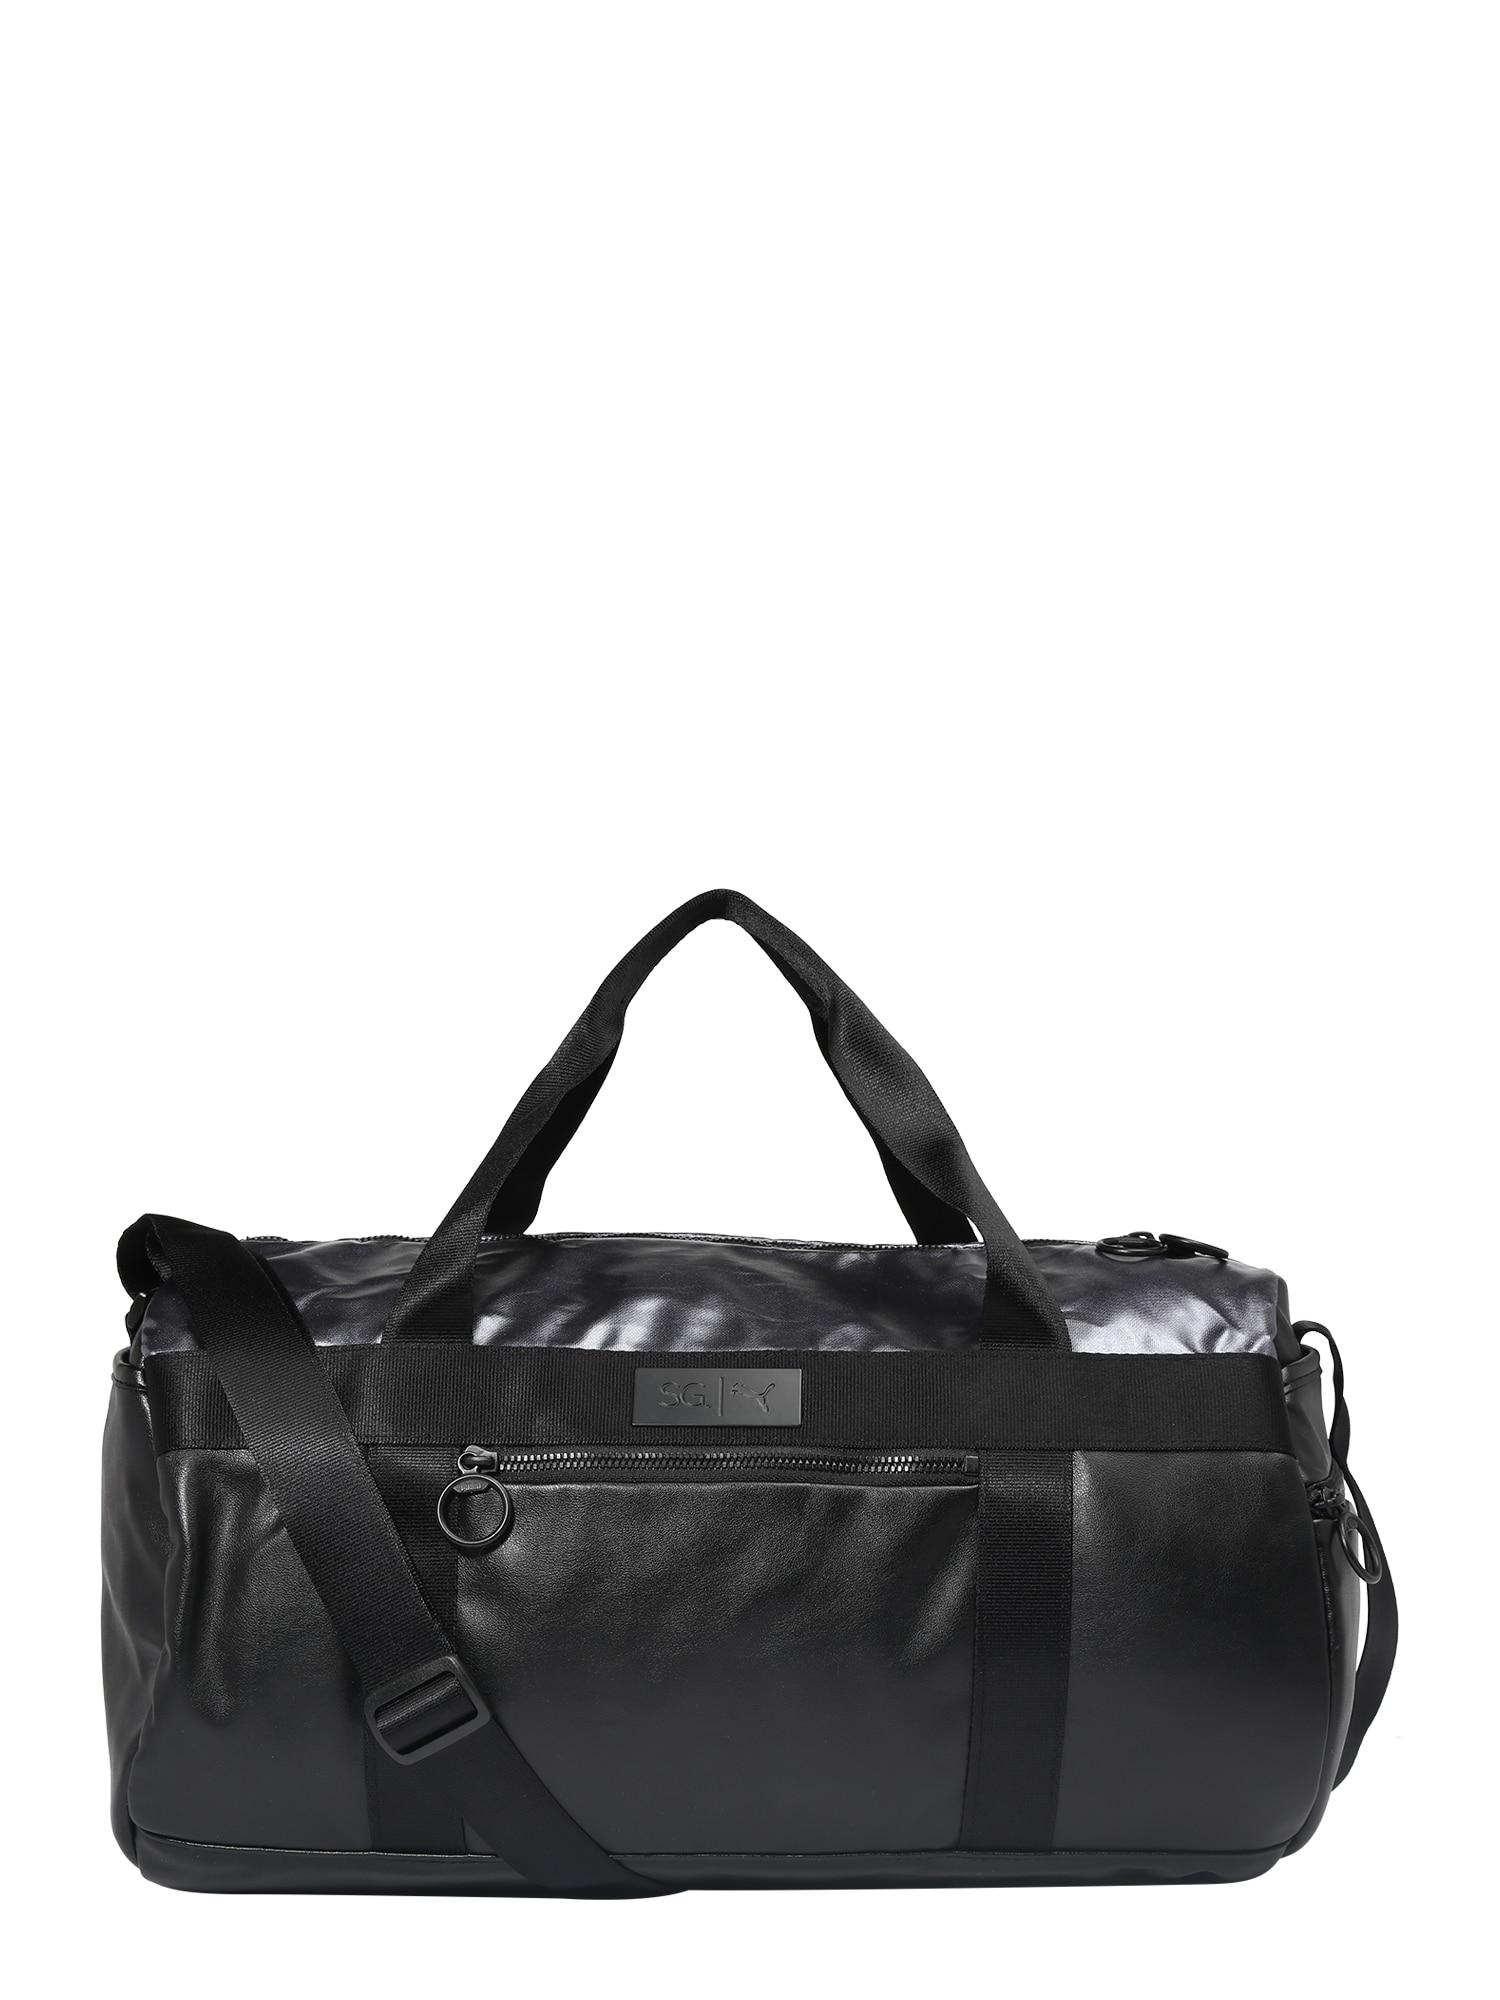 Sportovní taška SG X Puma Style Barrel černá PUMA